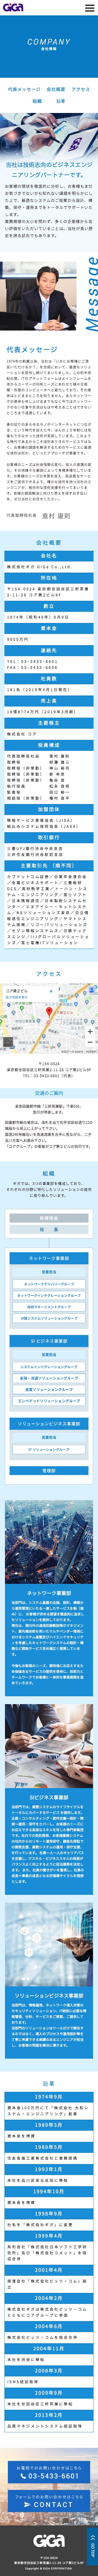 ホームページ制作実績株式会社GIGA様 コーポレートサイト